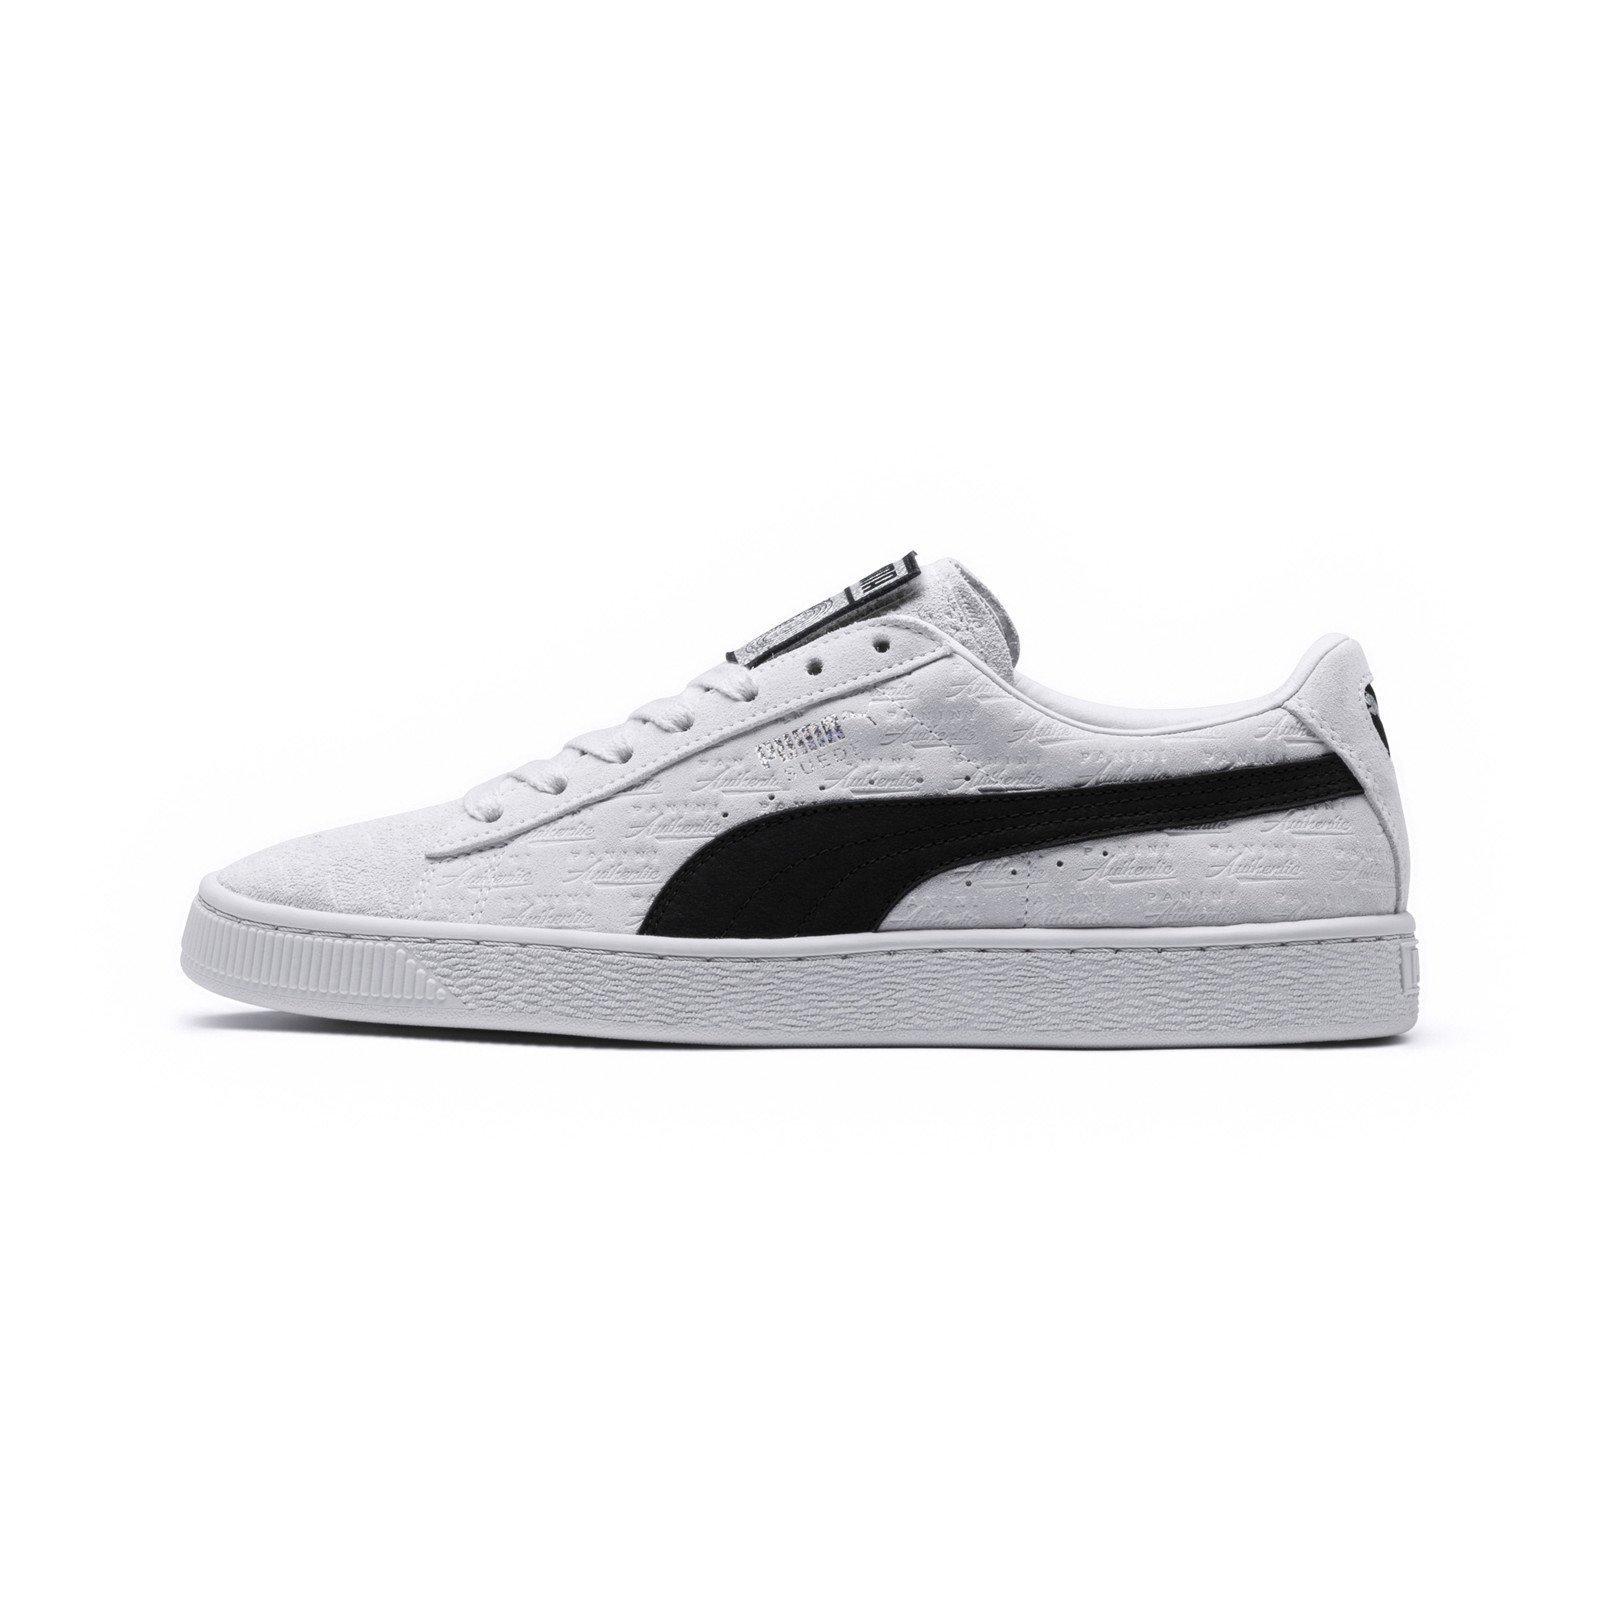 24c49f5cac8 PUMA PUMA x PANINI Suede Classic sneakers (Wit/Zwart) | 366323-01 | Puma